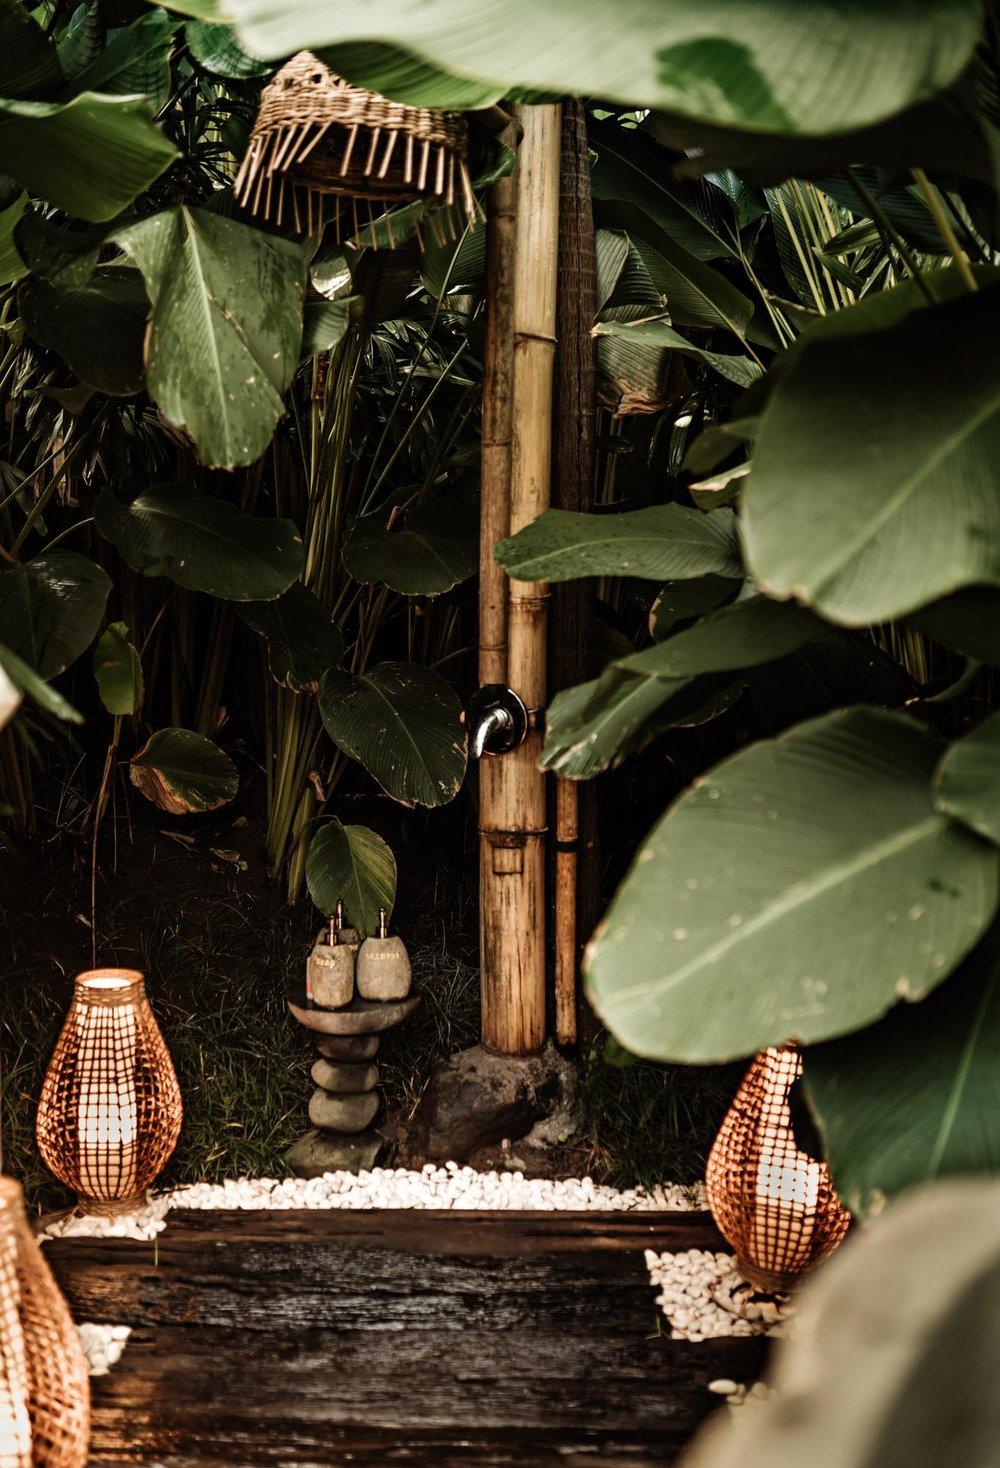 keira-mason-camaya-bali-outdoor-shower.jpg